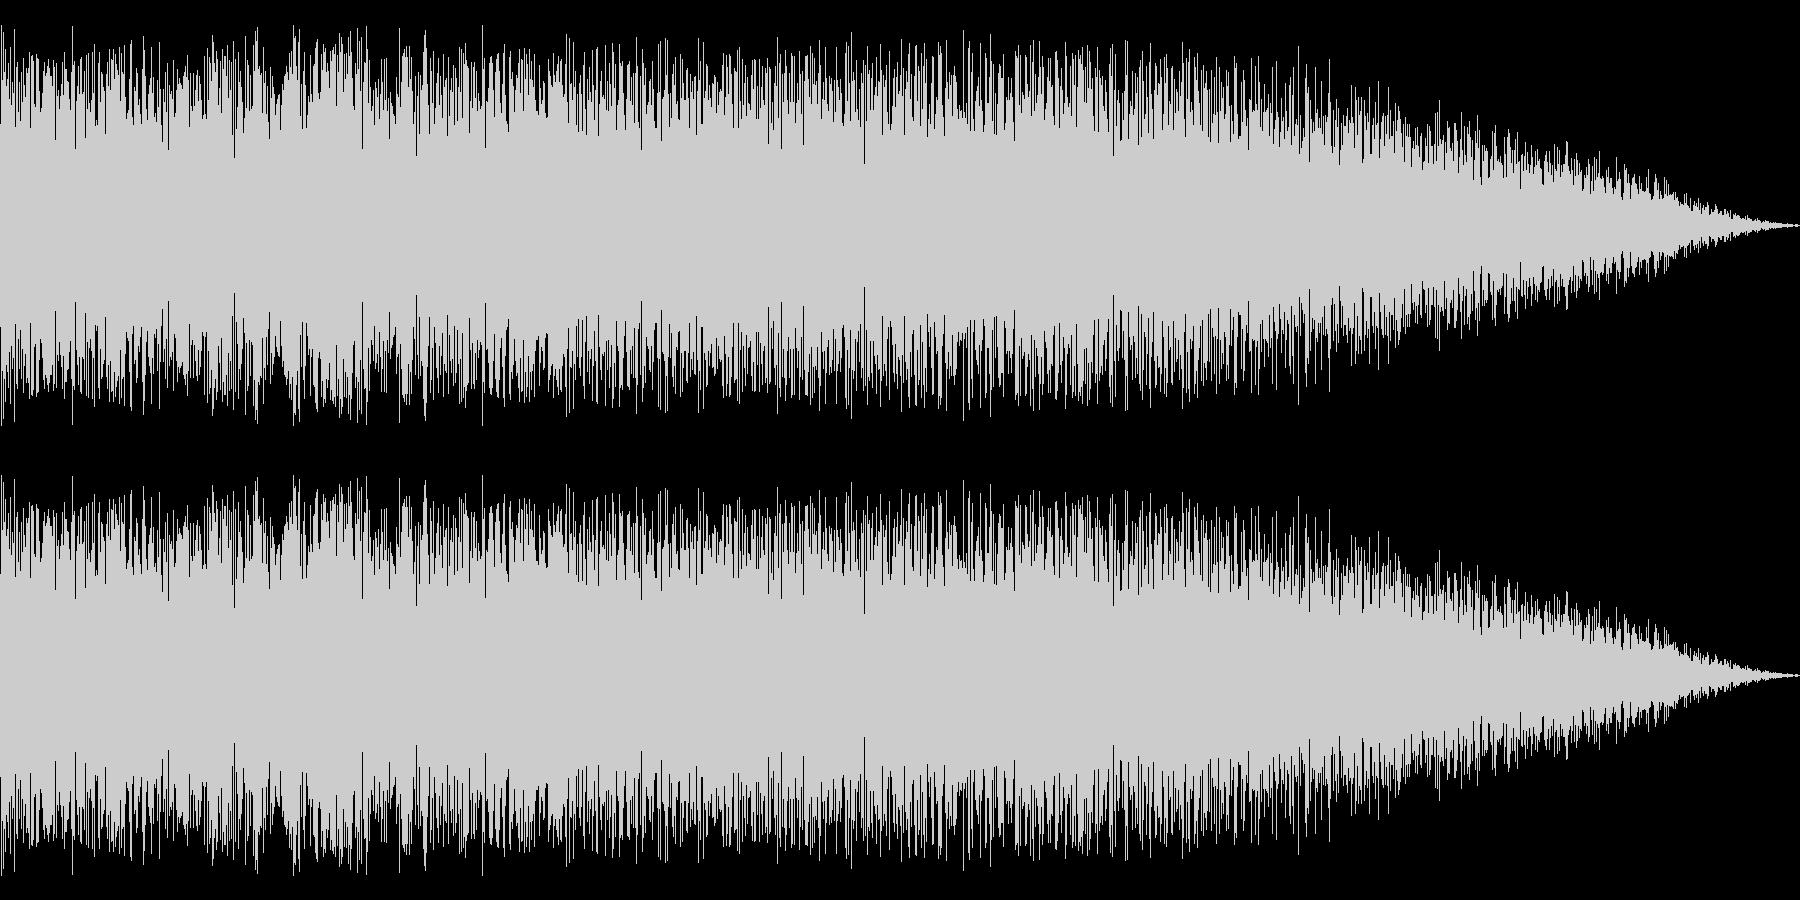 ディストーションのメタルなツインギターの未再生の波形